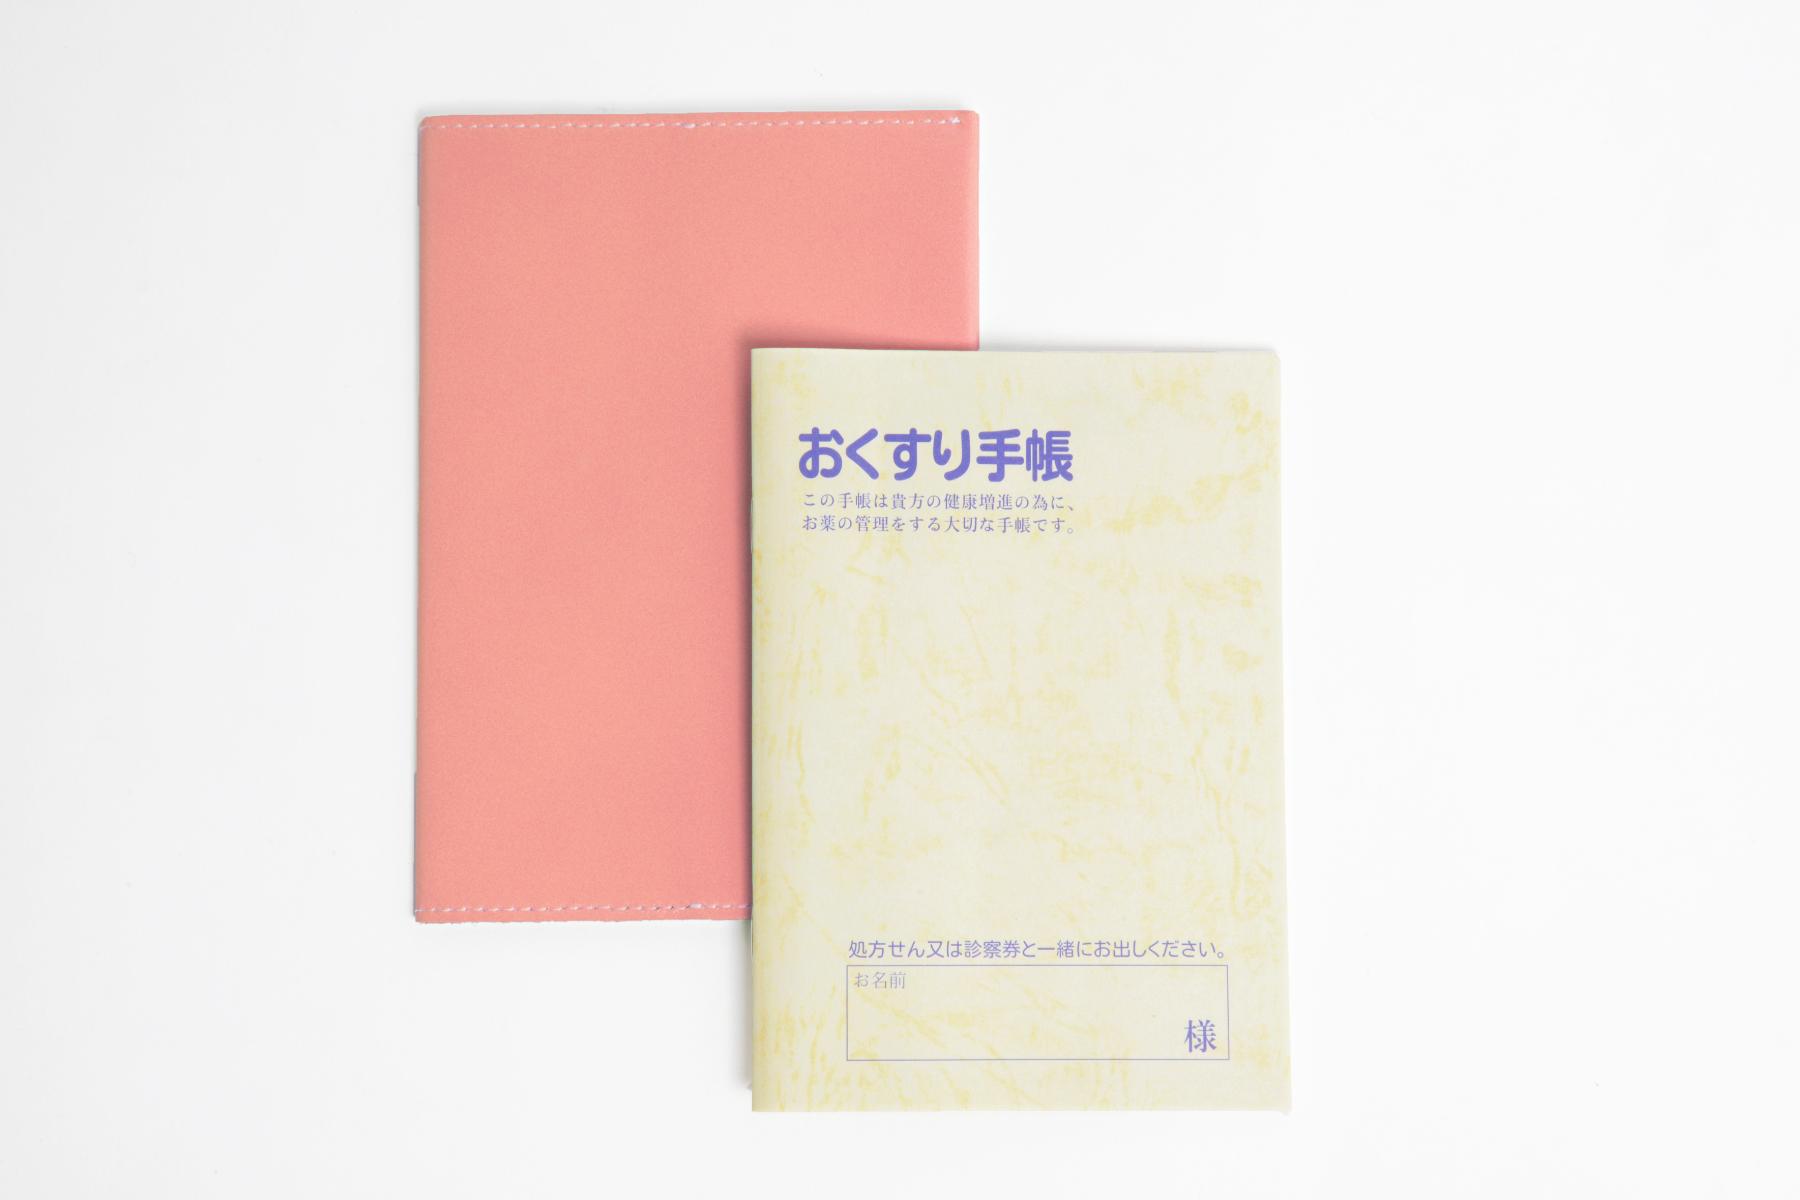 名入れ記念品に人気のおくすり手帳カバー